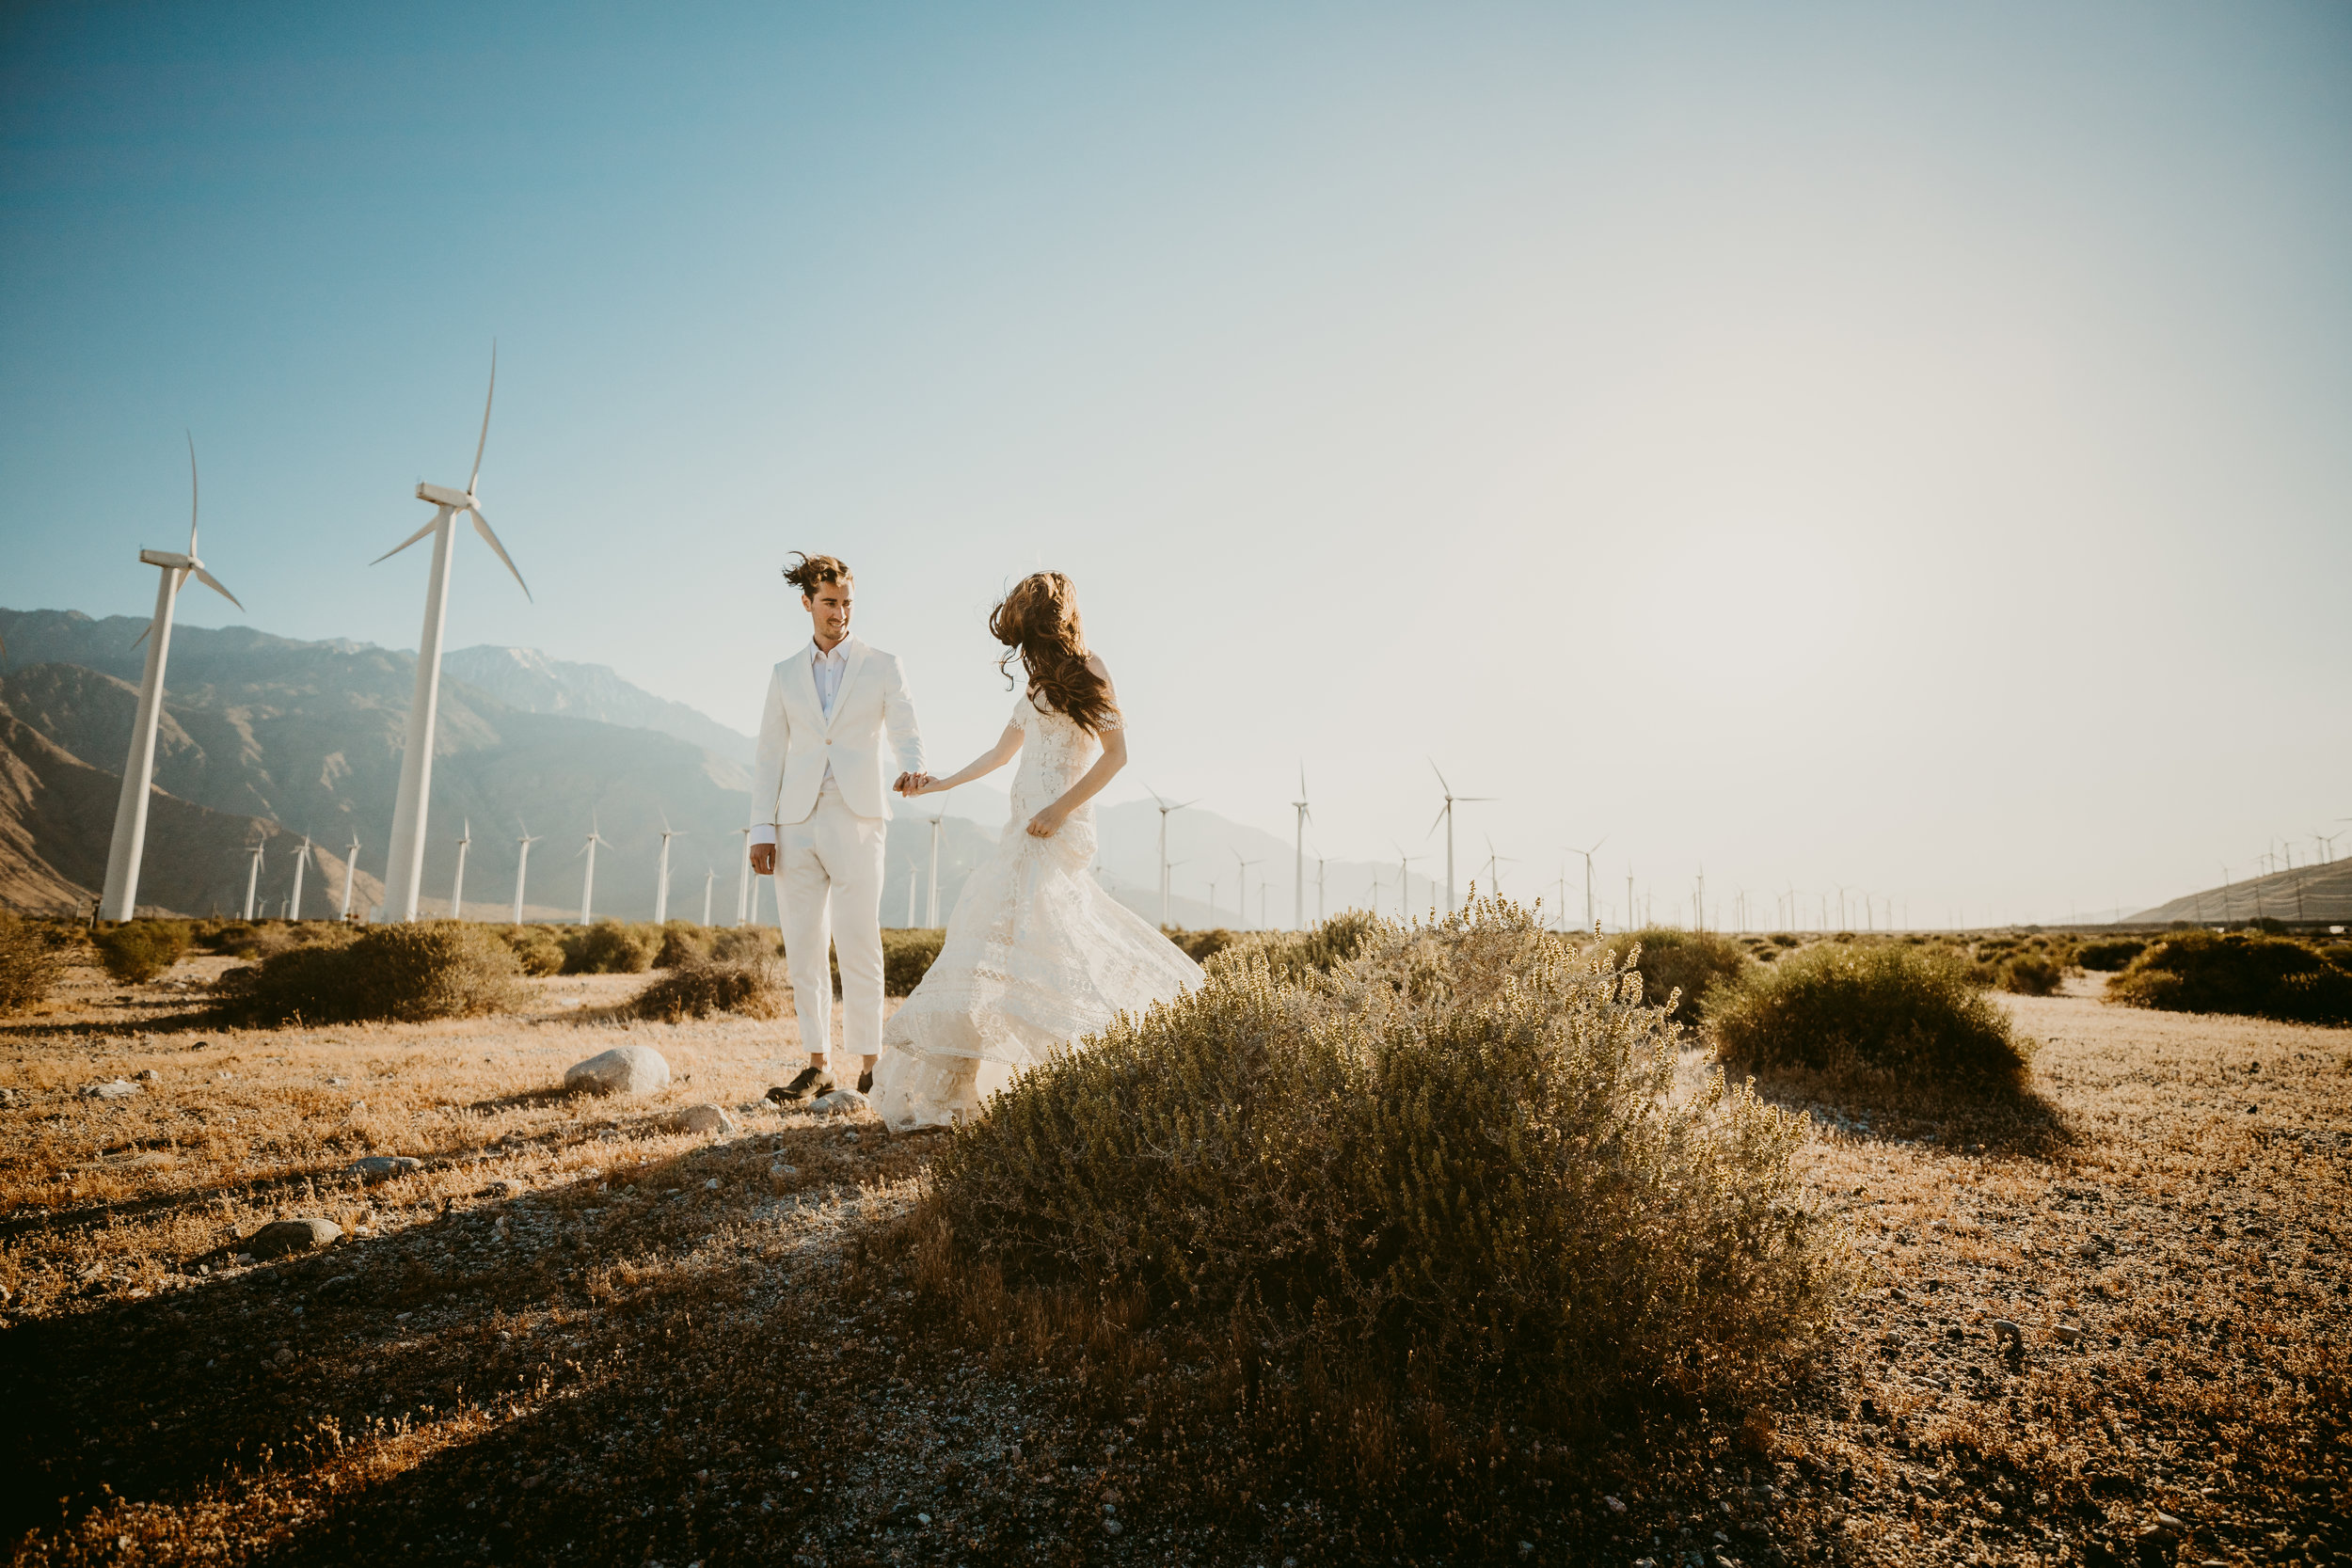 PALM-SPRINGS-ELOPEMENT-WEDDING-BRIDE-GROOM-1.jpg